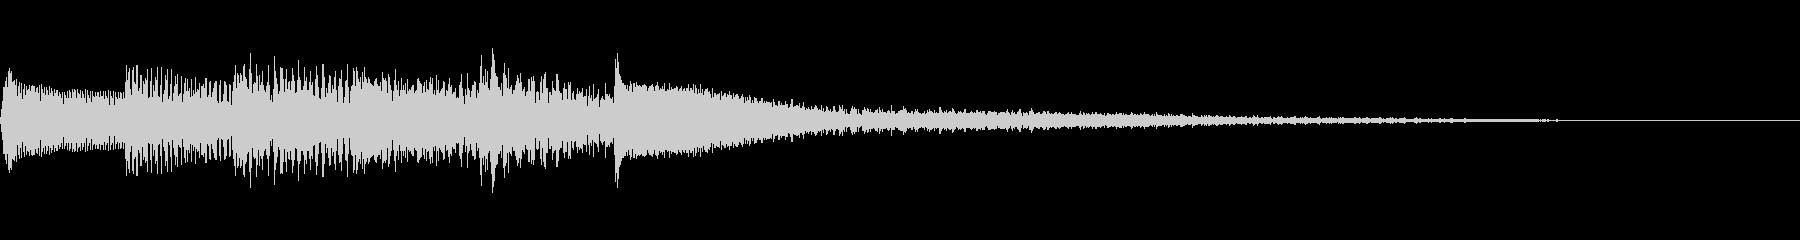 【生演奏】心安らぐピアノジングルの未再生の波形